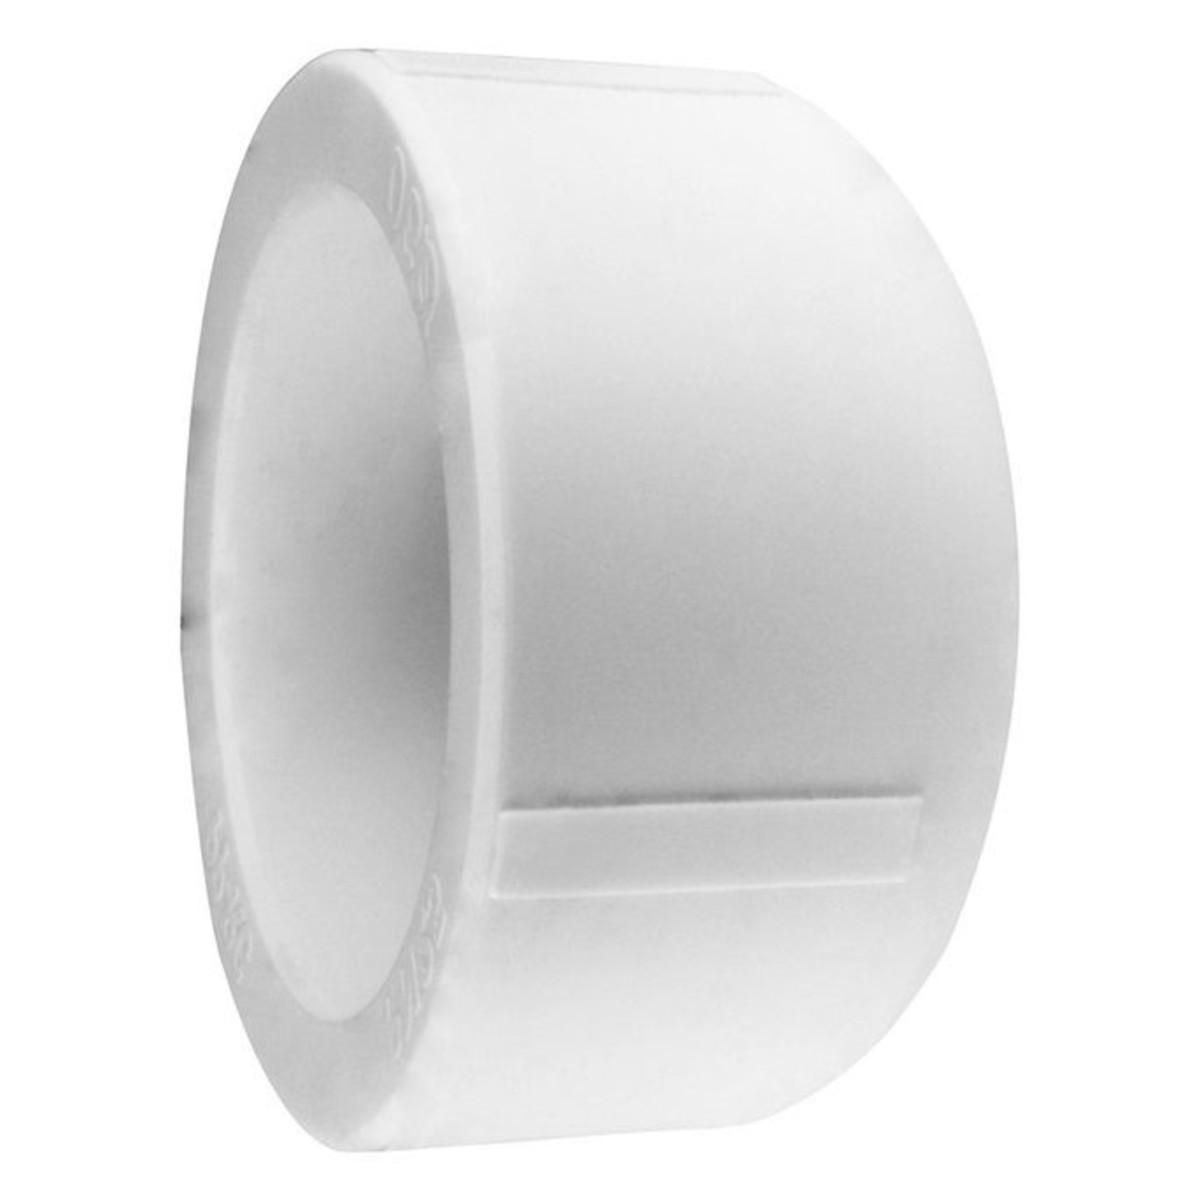 Заглушка 32 мм полипропилен